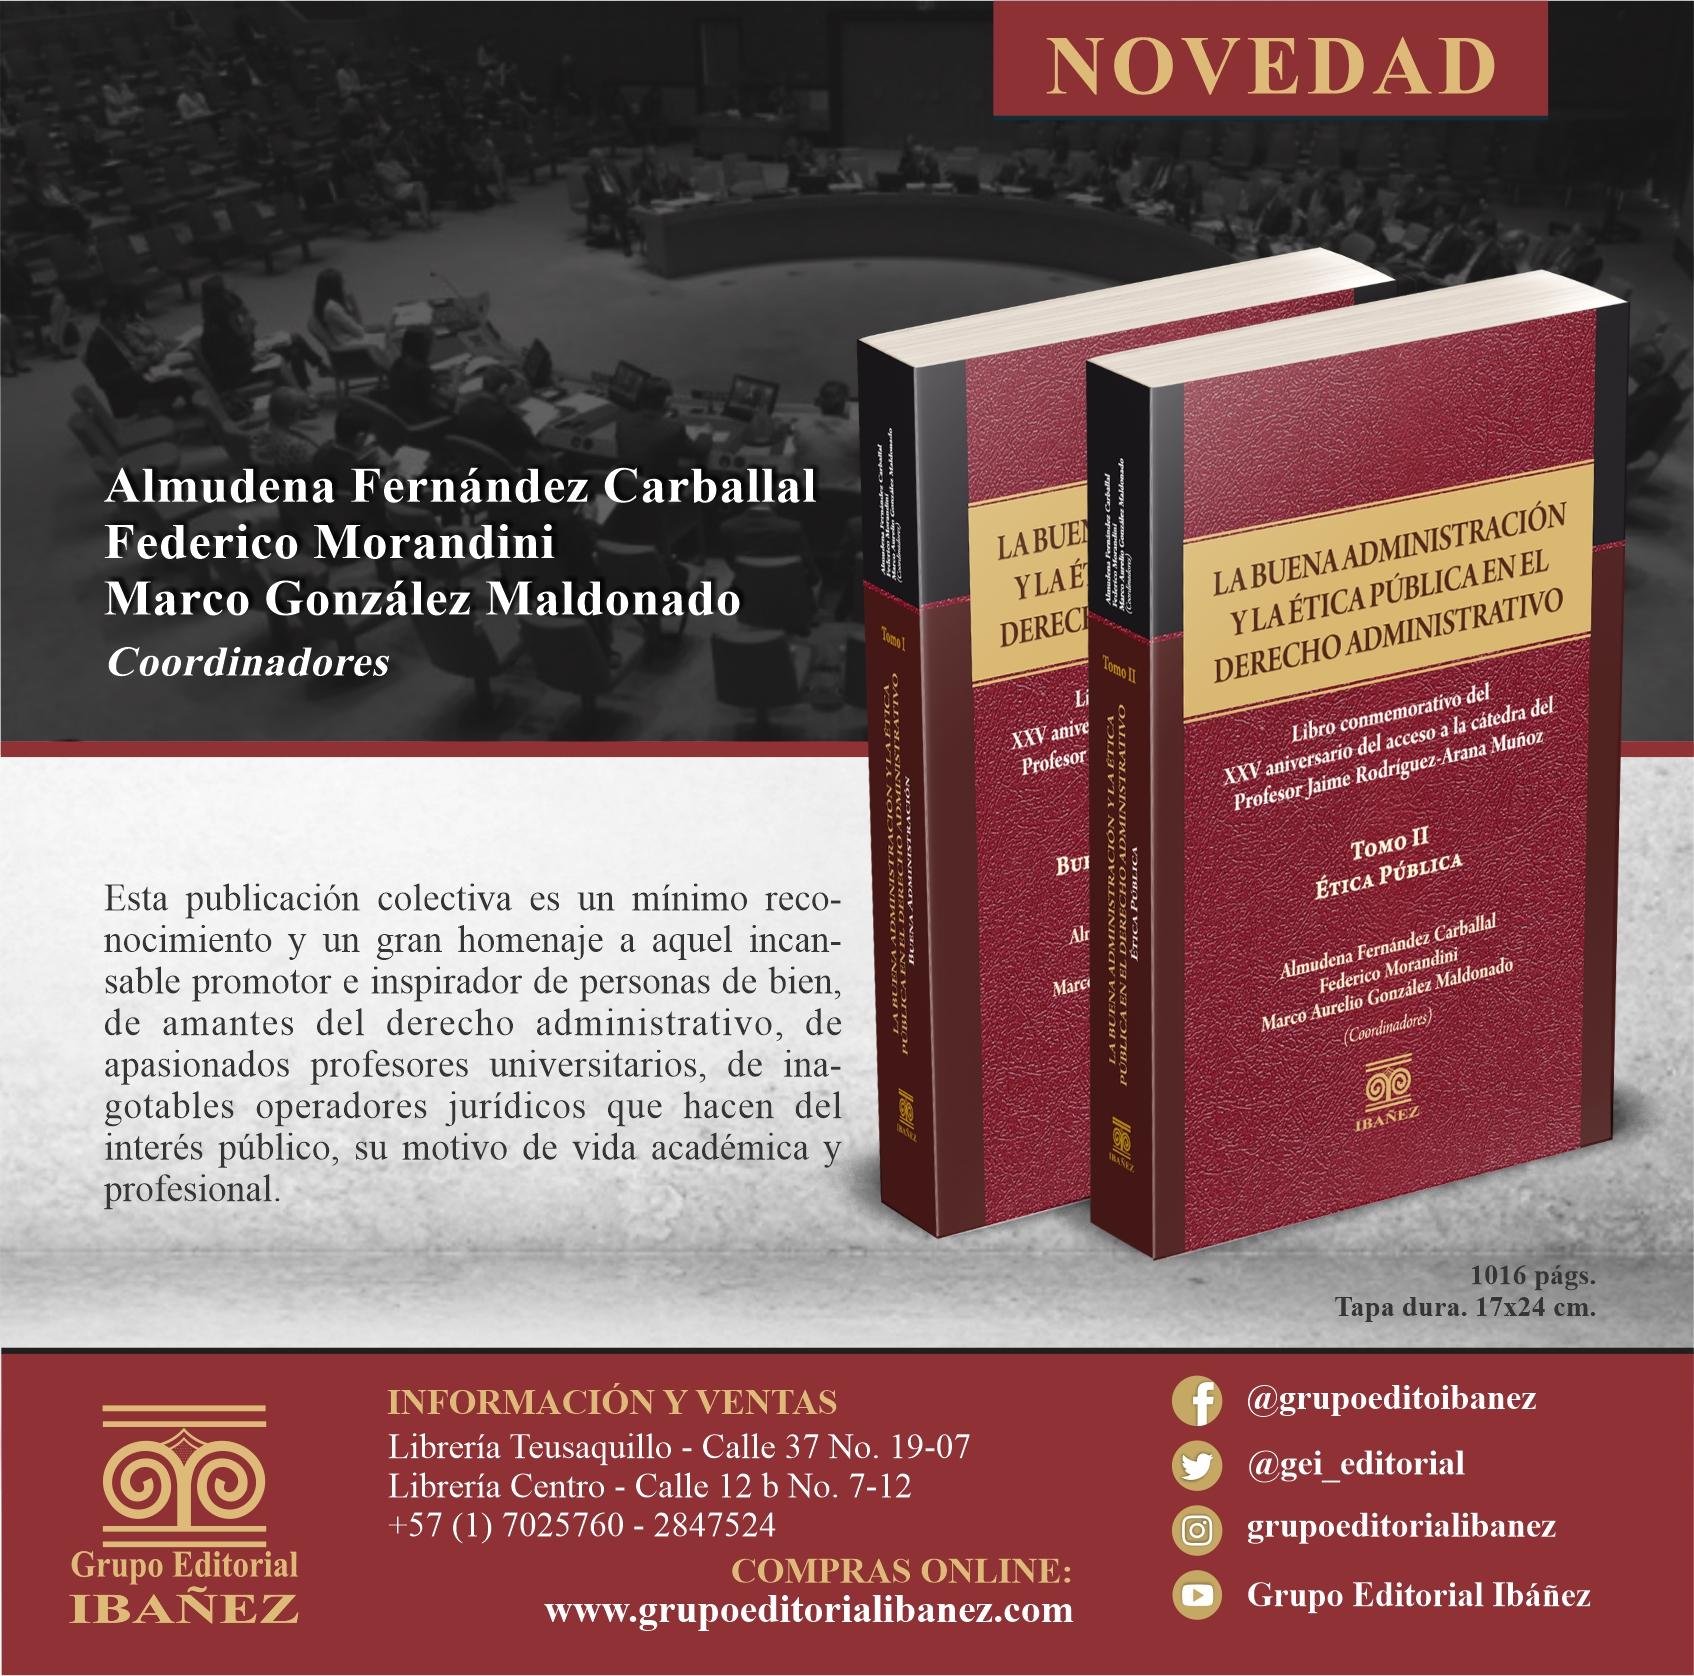 La Buena Administración y la Ética Pública en el Derecho Administrativo, obra conmemorativa de los XXV años de acceso a la cátedra del Prof. Jaime Rodríguez Arana